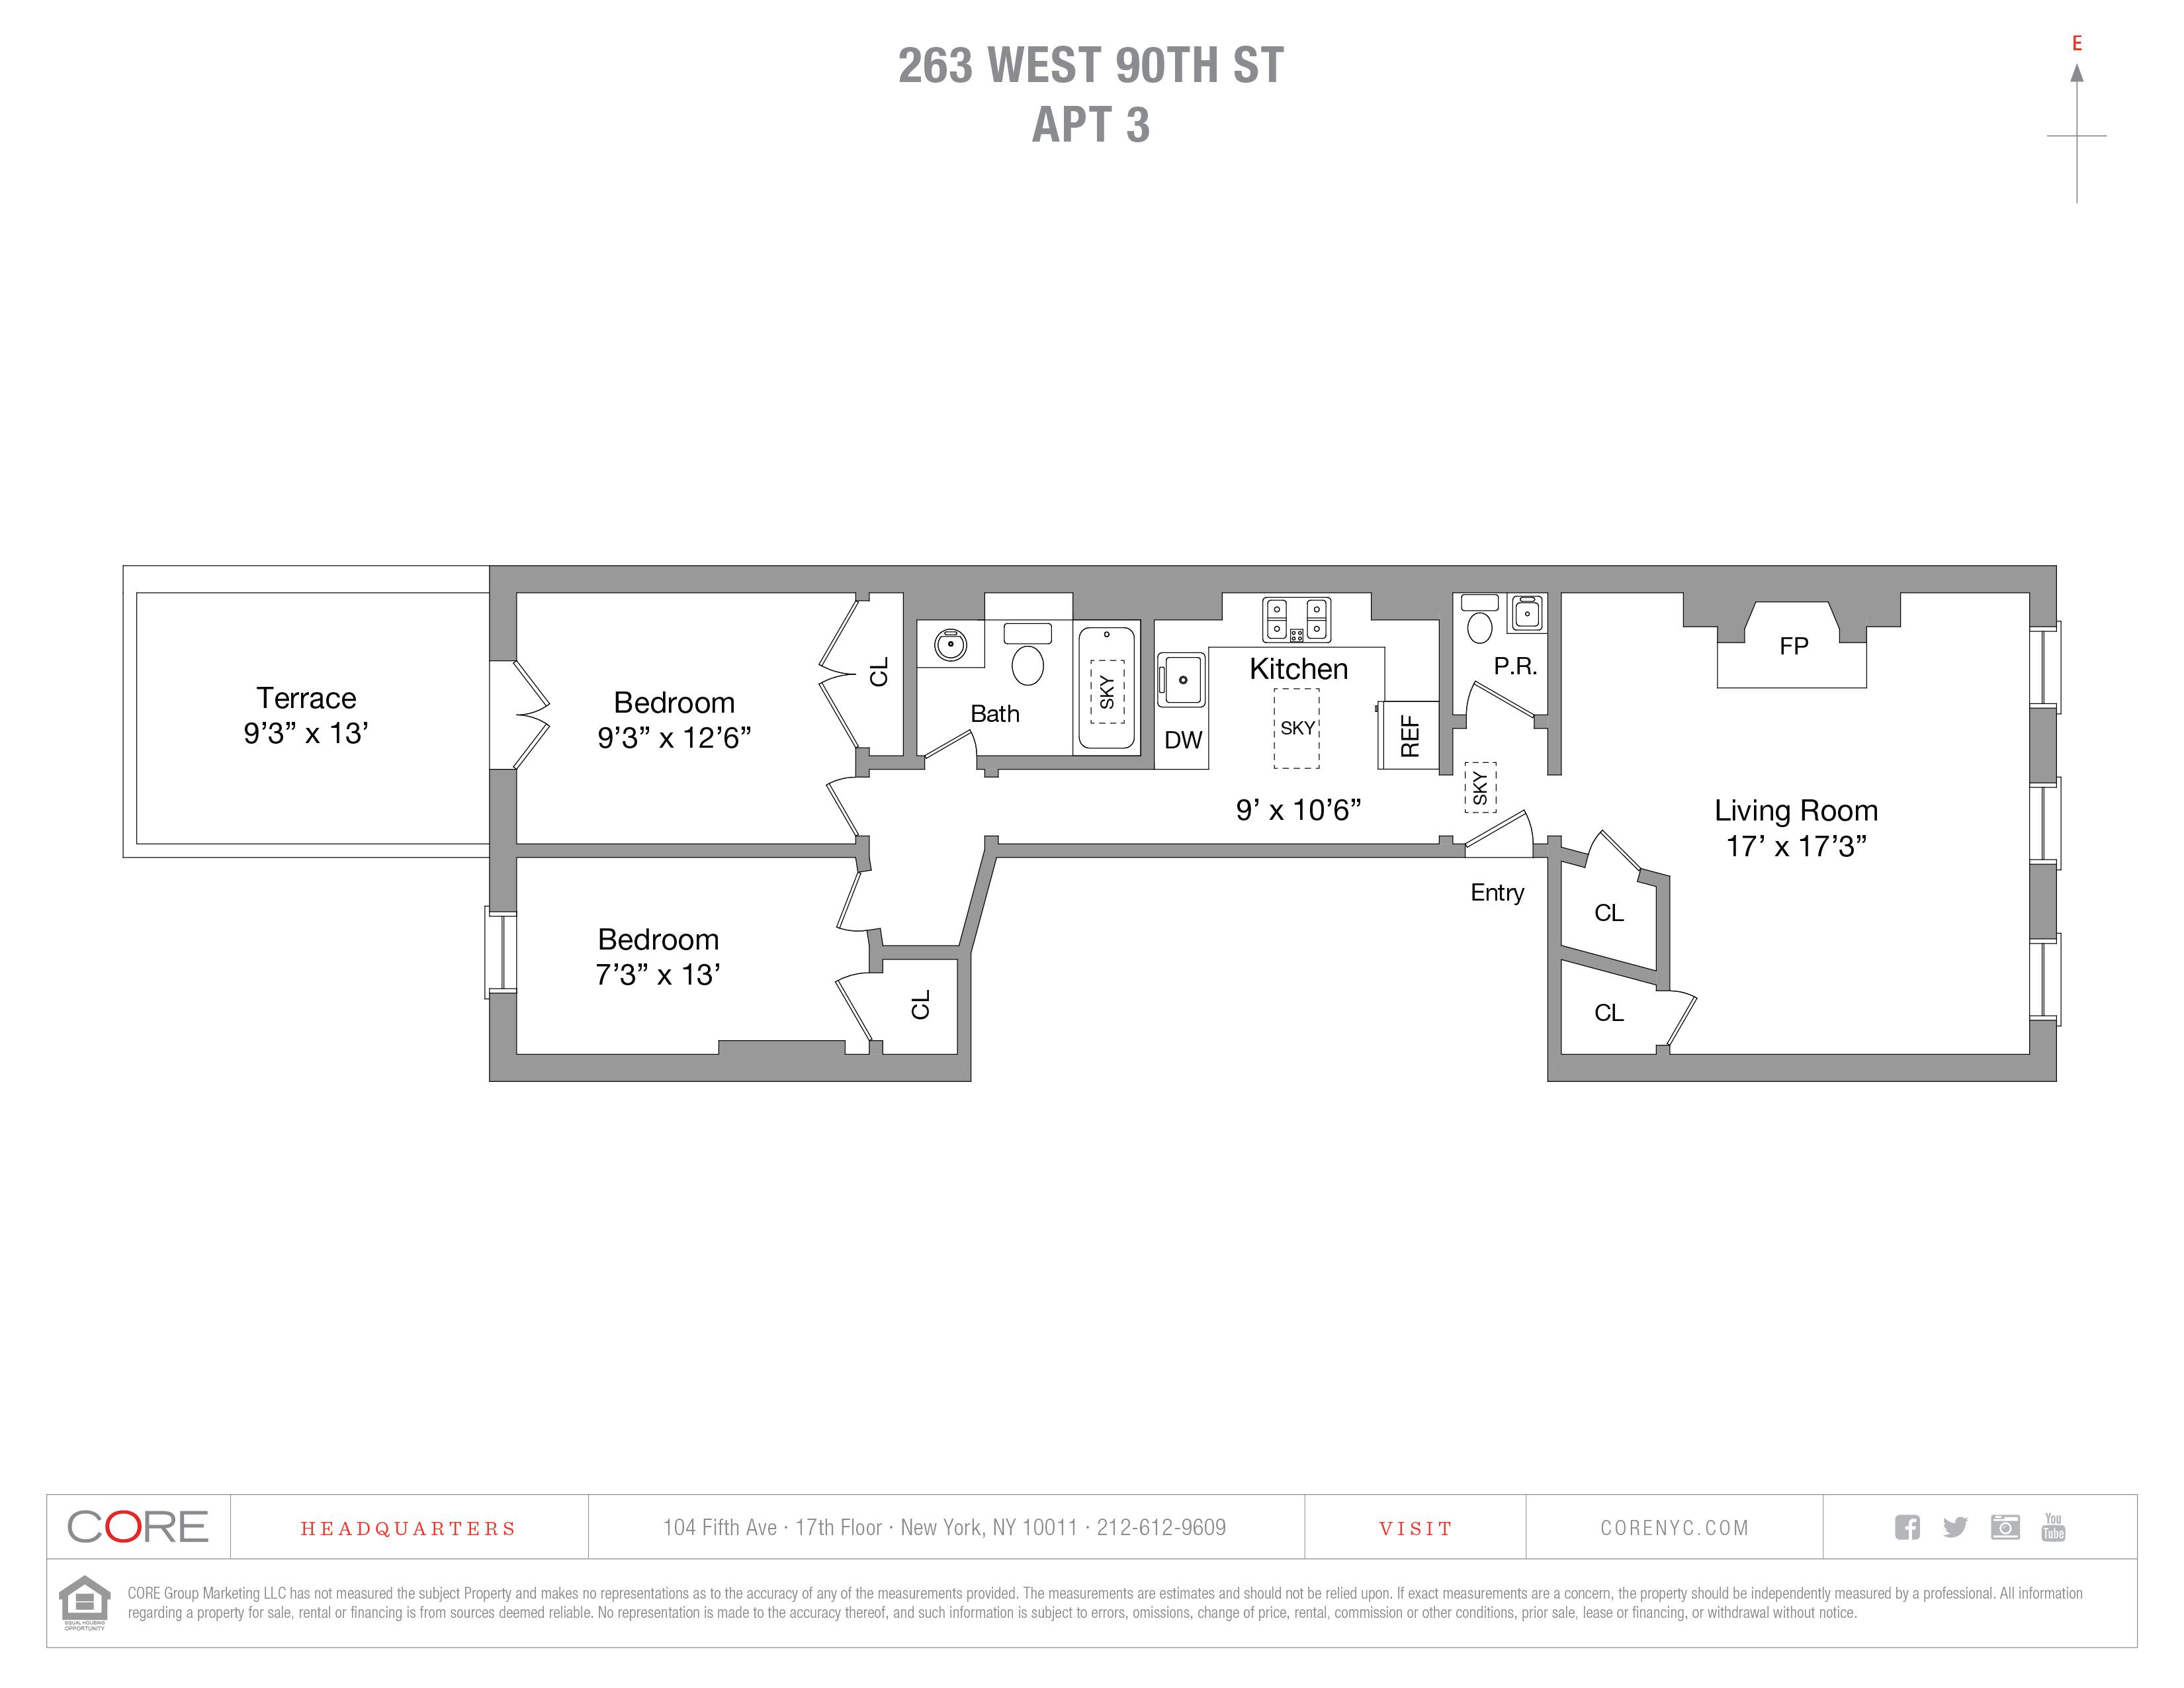 263 West 90th St. 3, New York, NY 10024